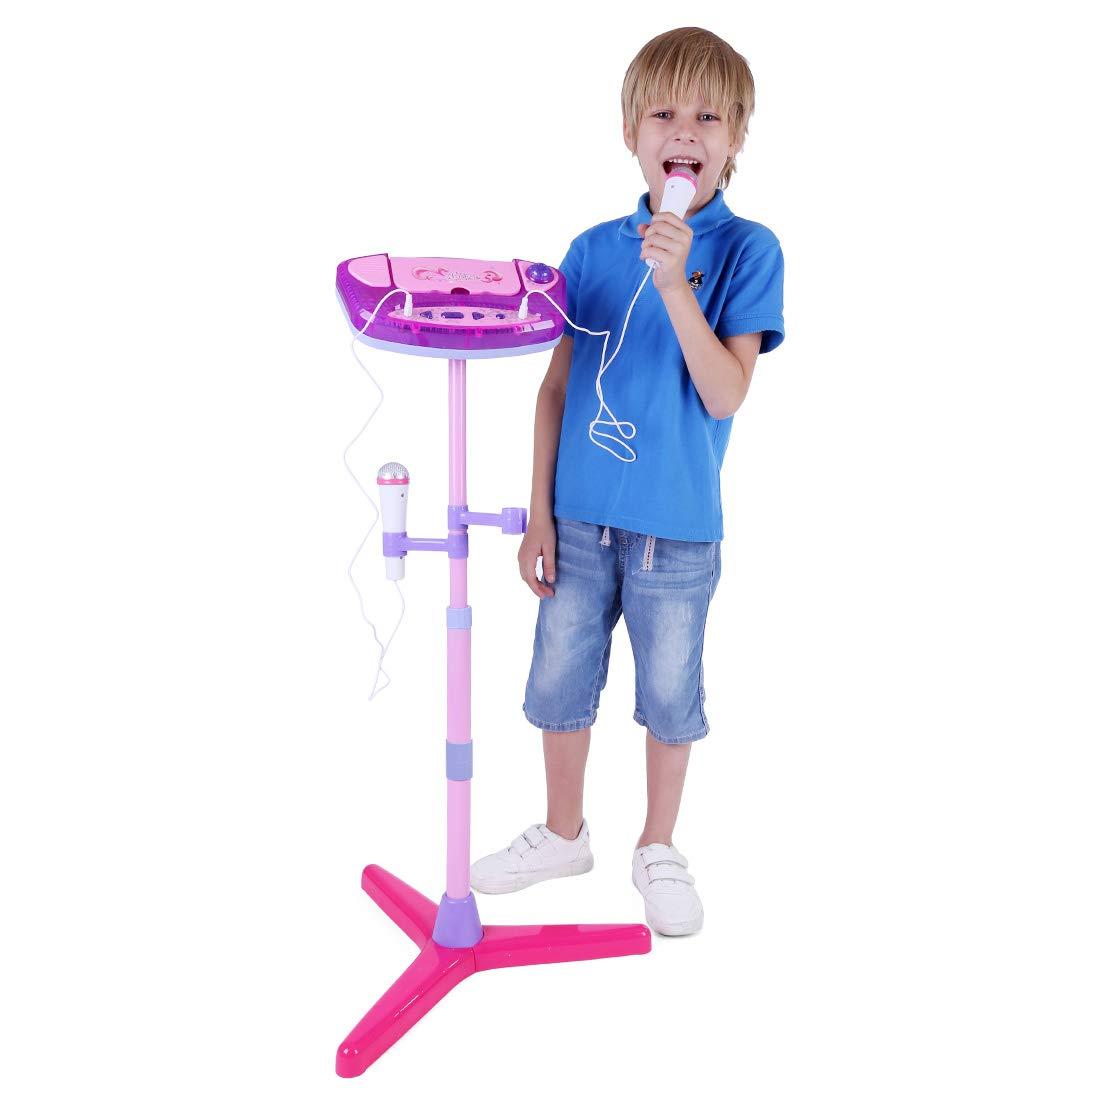 Ni/ños 3 4 5 6 7 8 a/ños Regalos de Reyes Regalos de cumplea/ños Koyae Karaoke Infantil con 2 Microfono